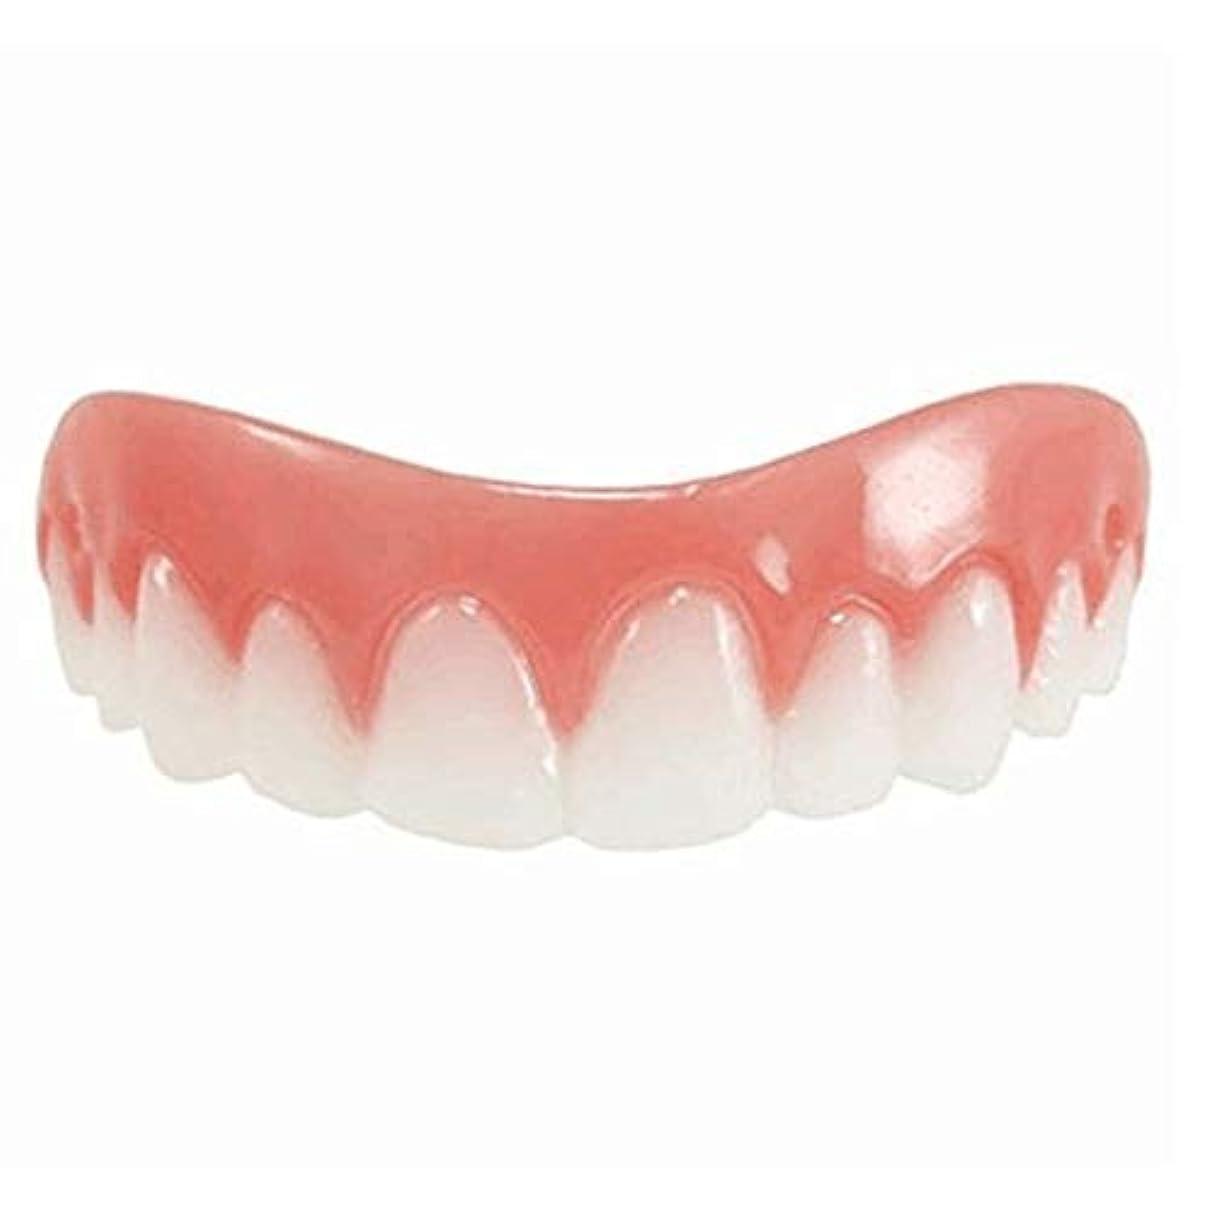 簡単な特権クルーズシリコーンシミュレーション義歯、歯科用ベニヤホワイトトゥースセット(2個),A